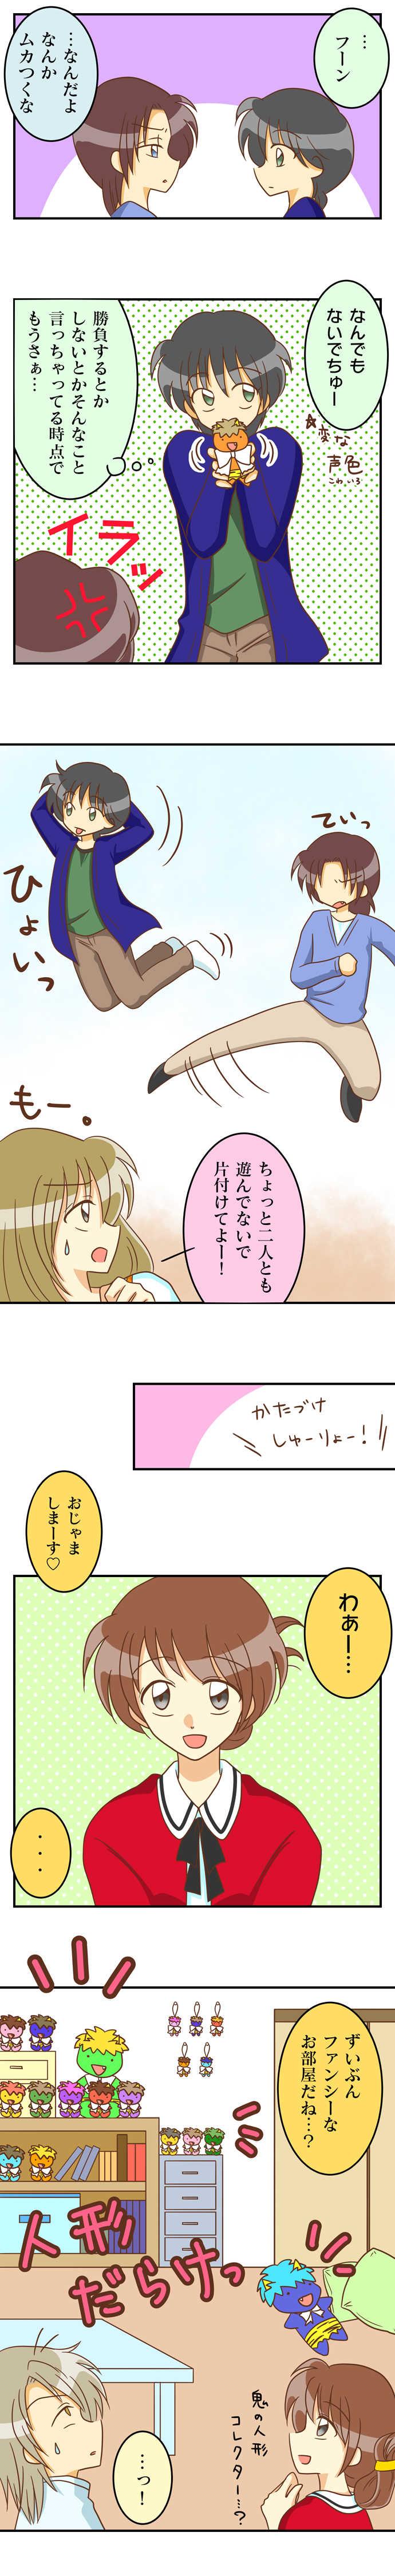 れっつ11.お勉強会!(1)